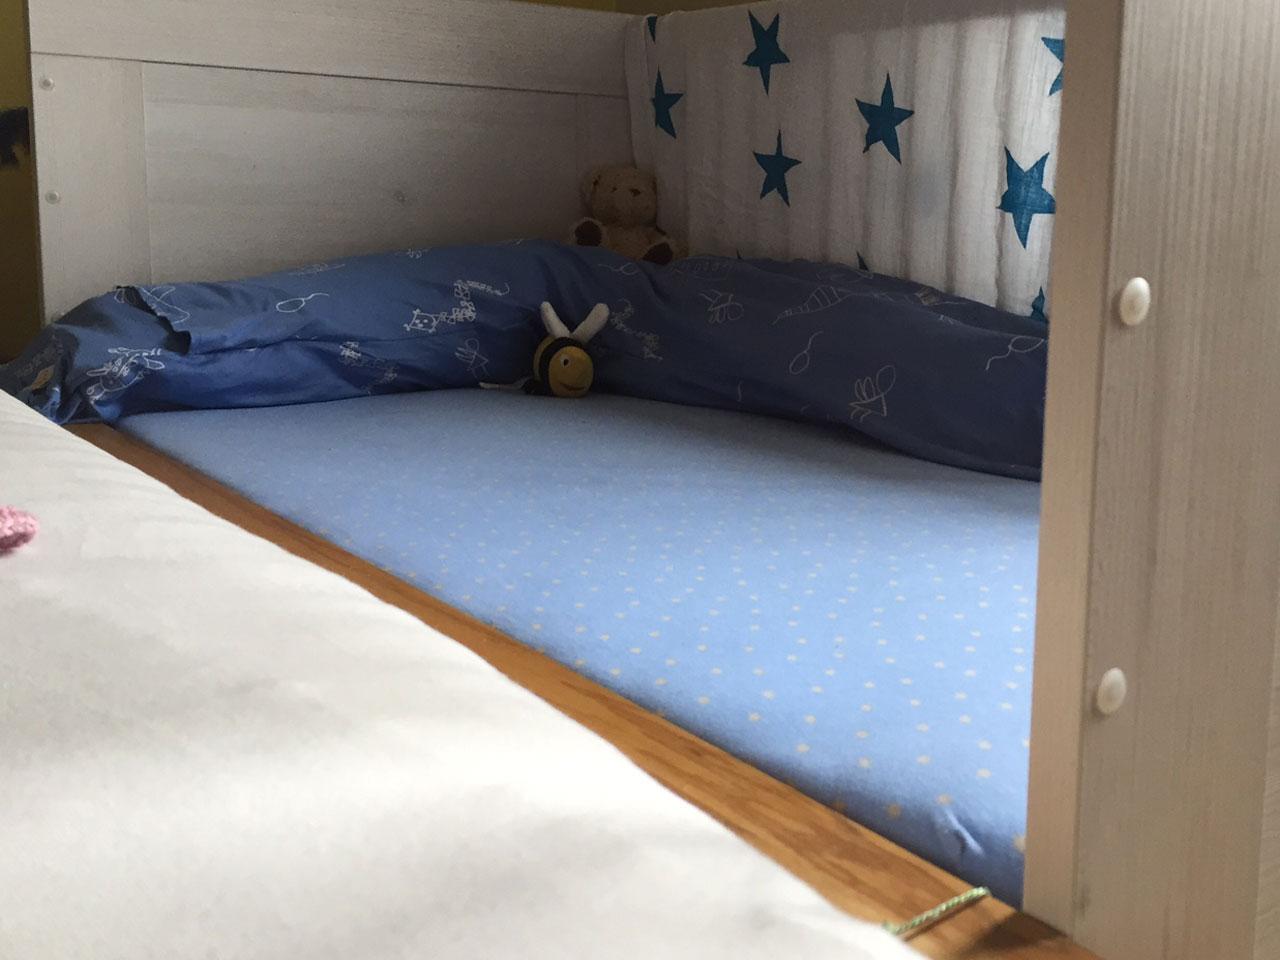 Schritt 3: aufbauen und mit dem Elternbett verbinden (wir haben es lediglich mit zwei Schnüren befestigt)